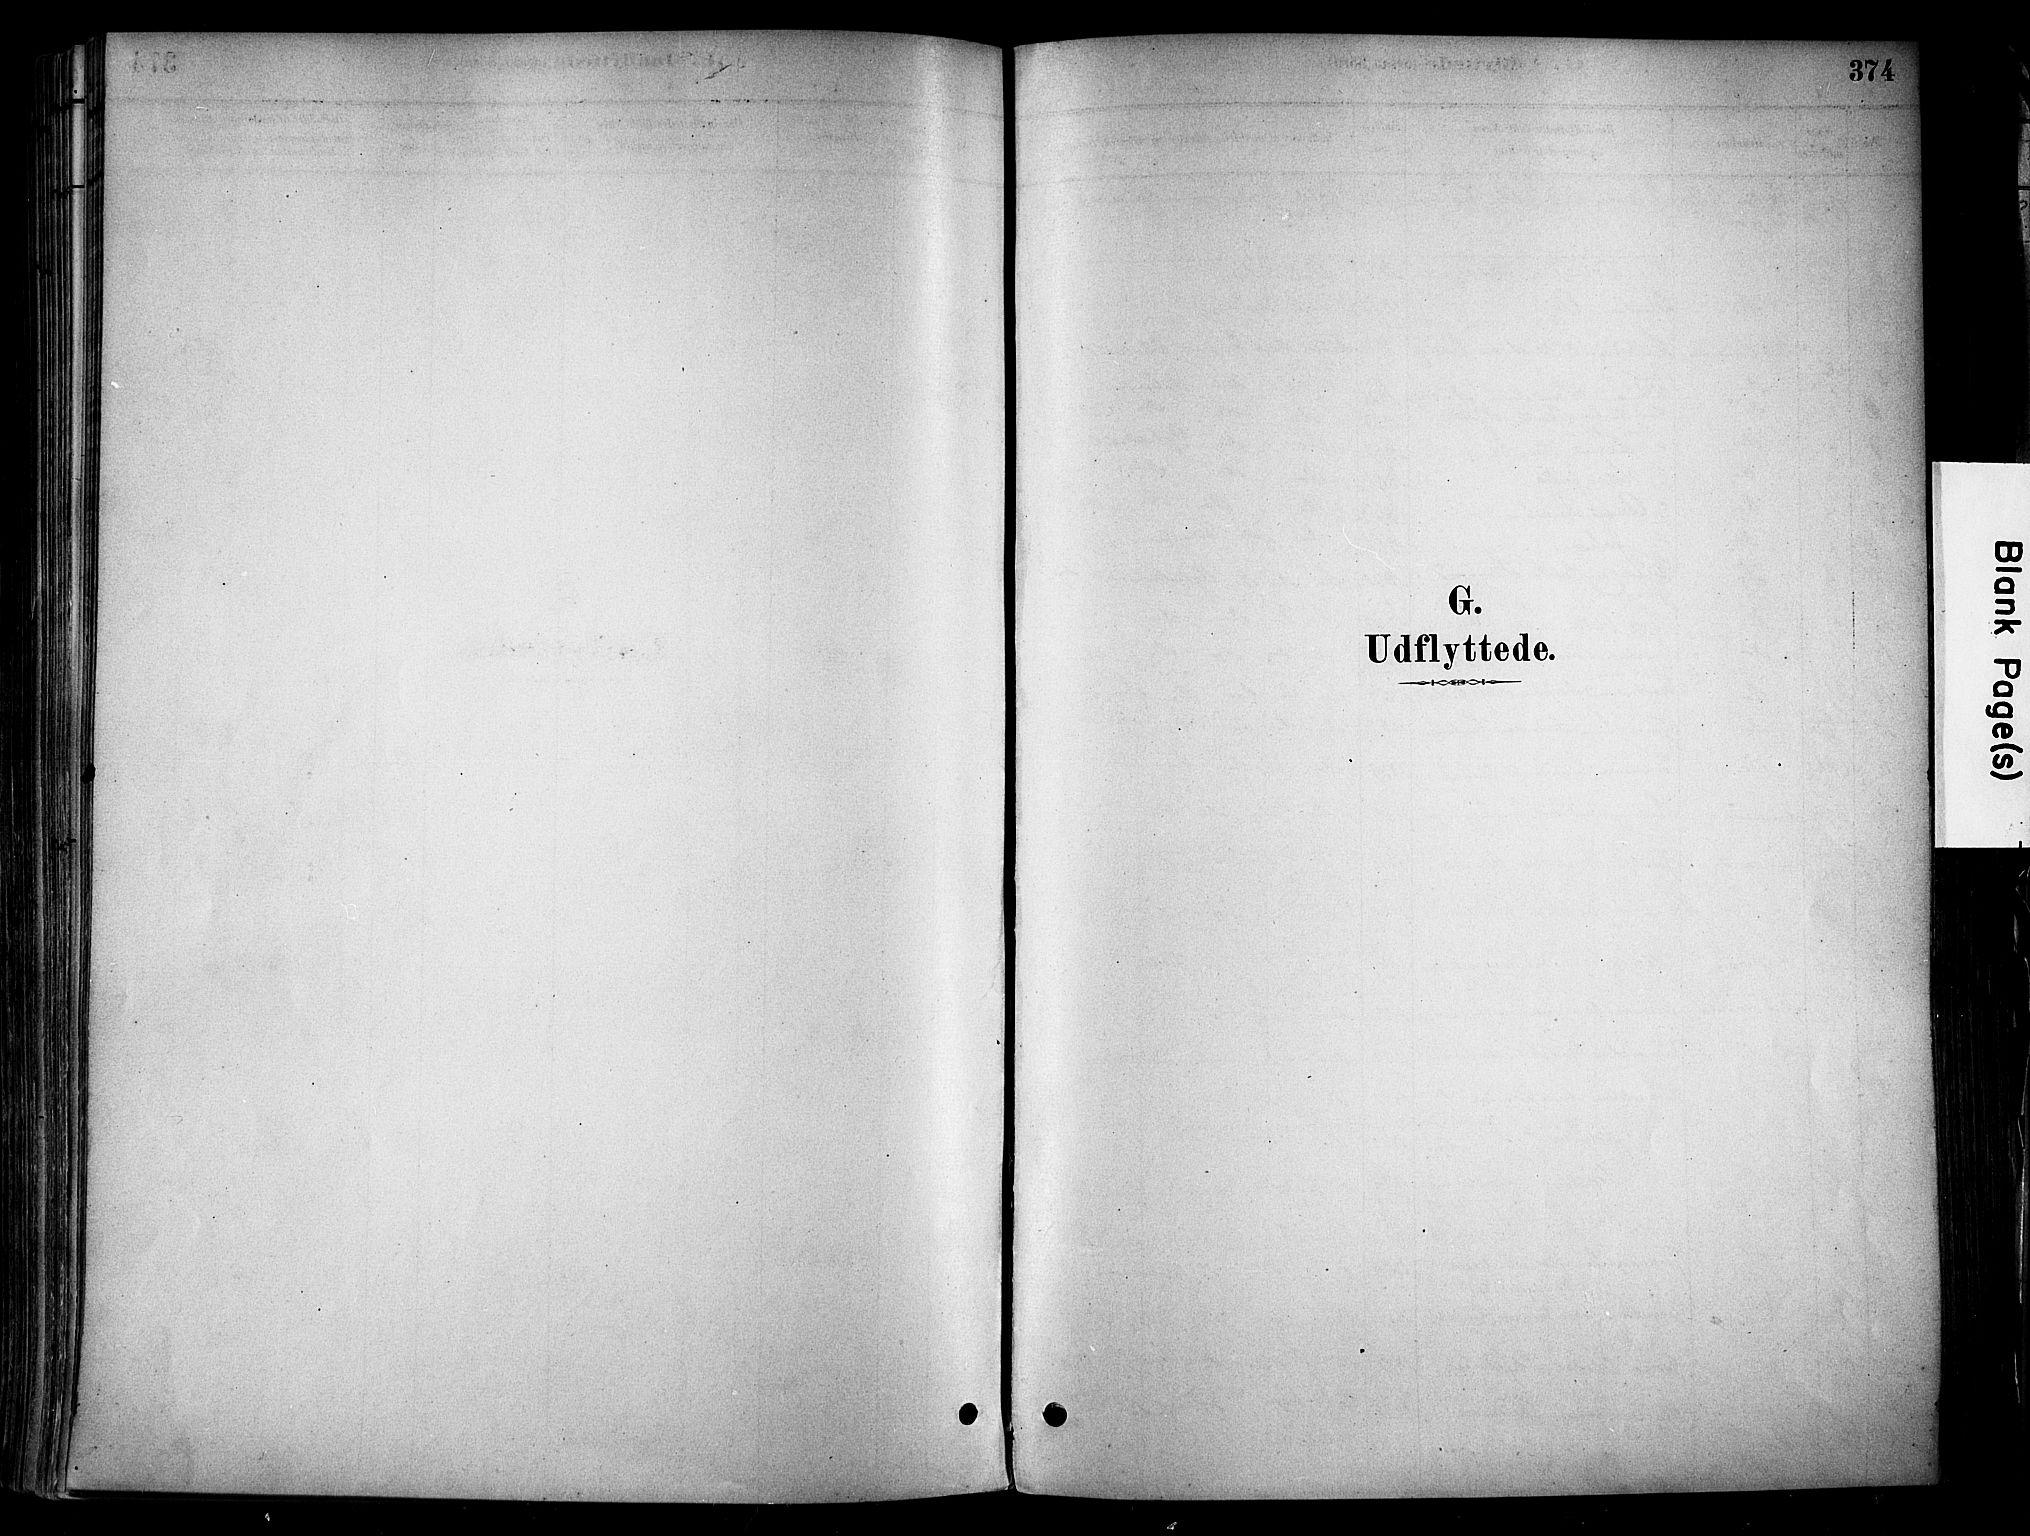 SAH, Stange prestekontor, K/L0017: Parish register (official) no. 17, 1880-1893, p. 374